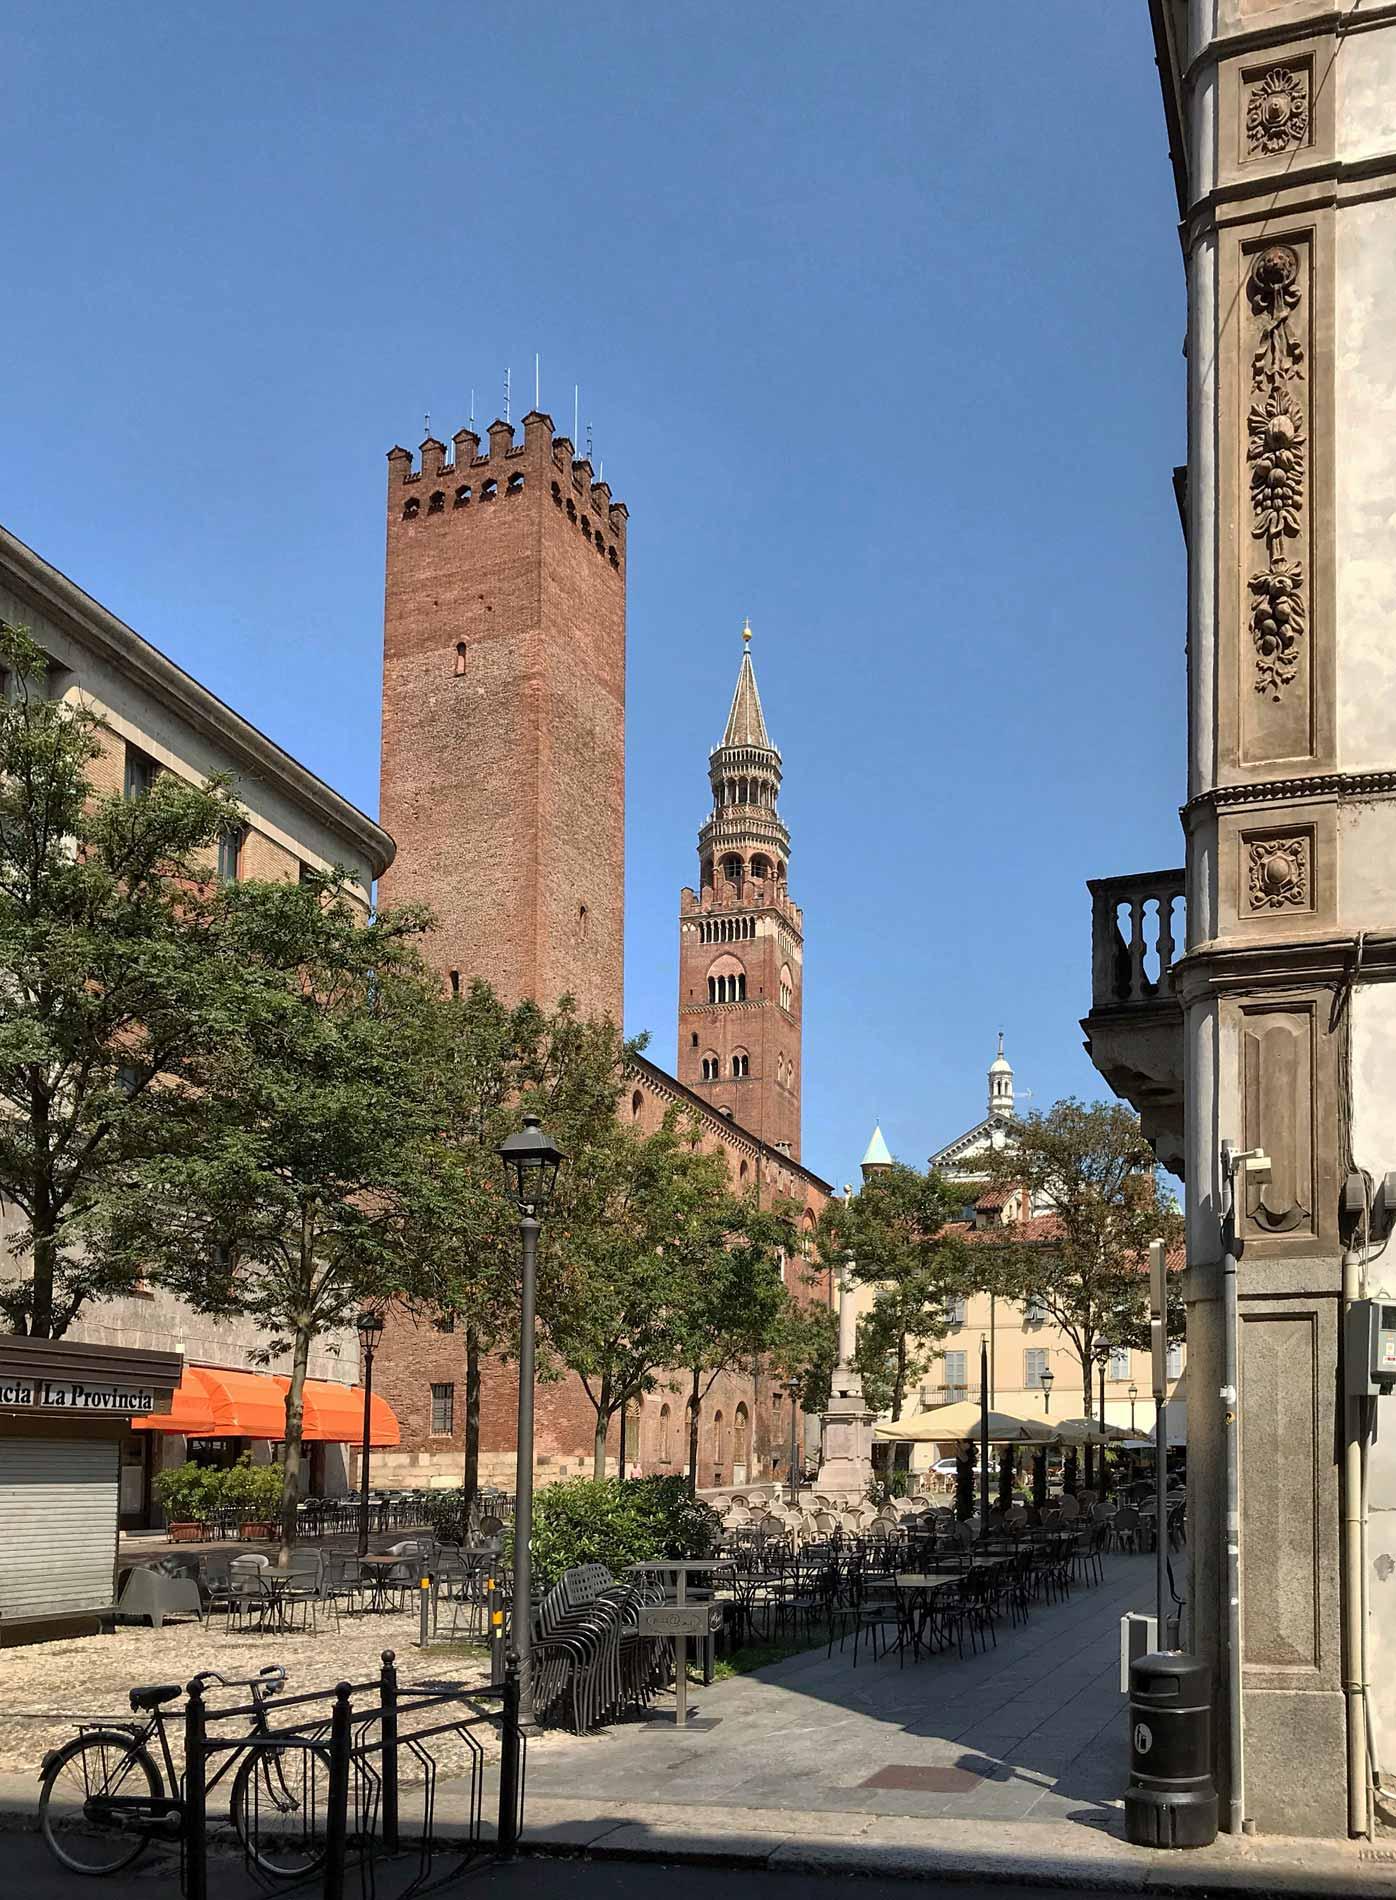 Piazza-della-Pace-Cremona-torre-Torrazzo-alberi